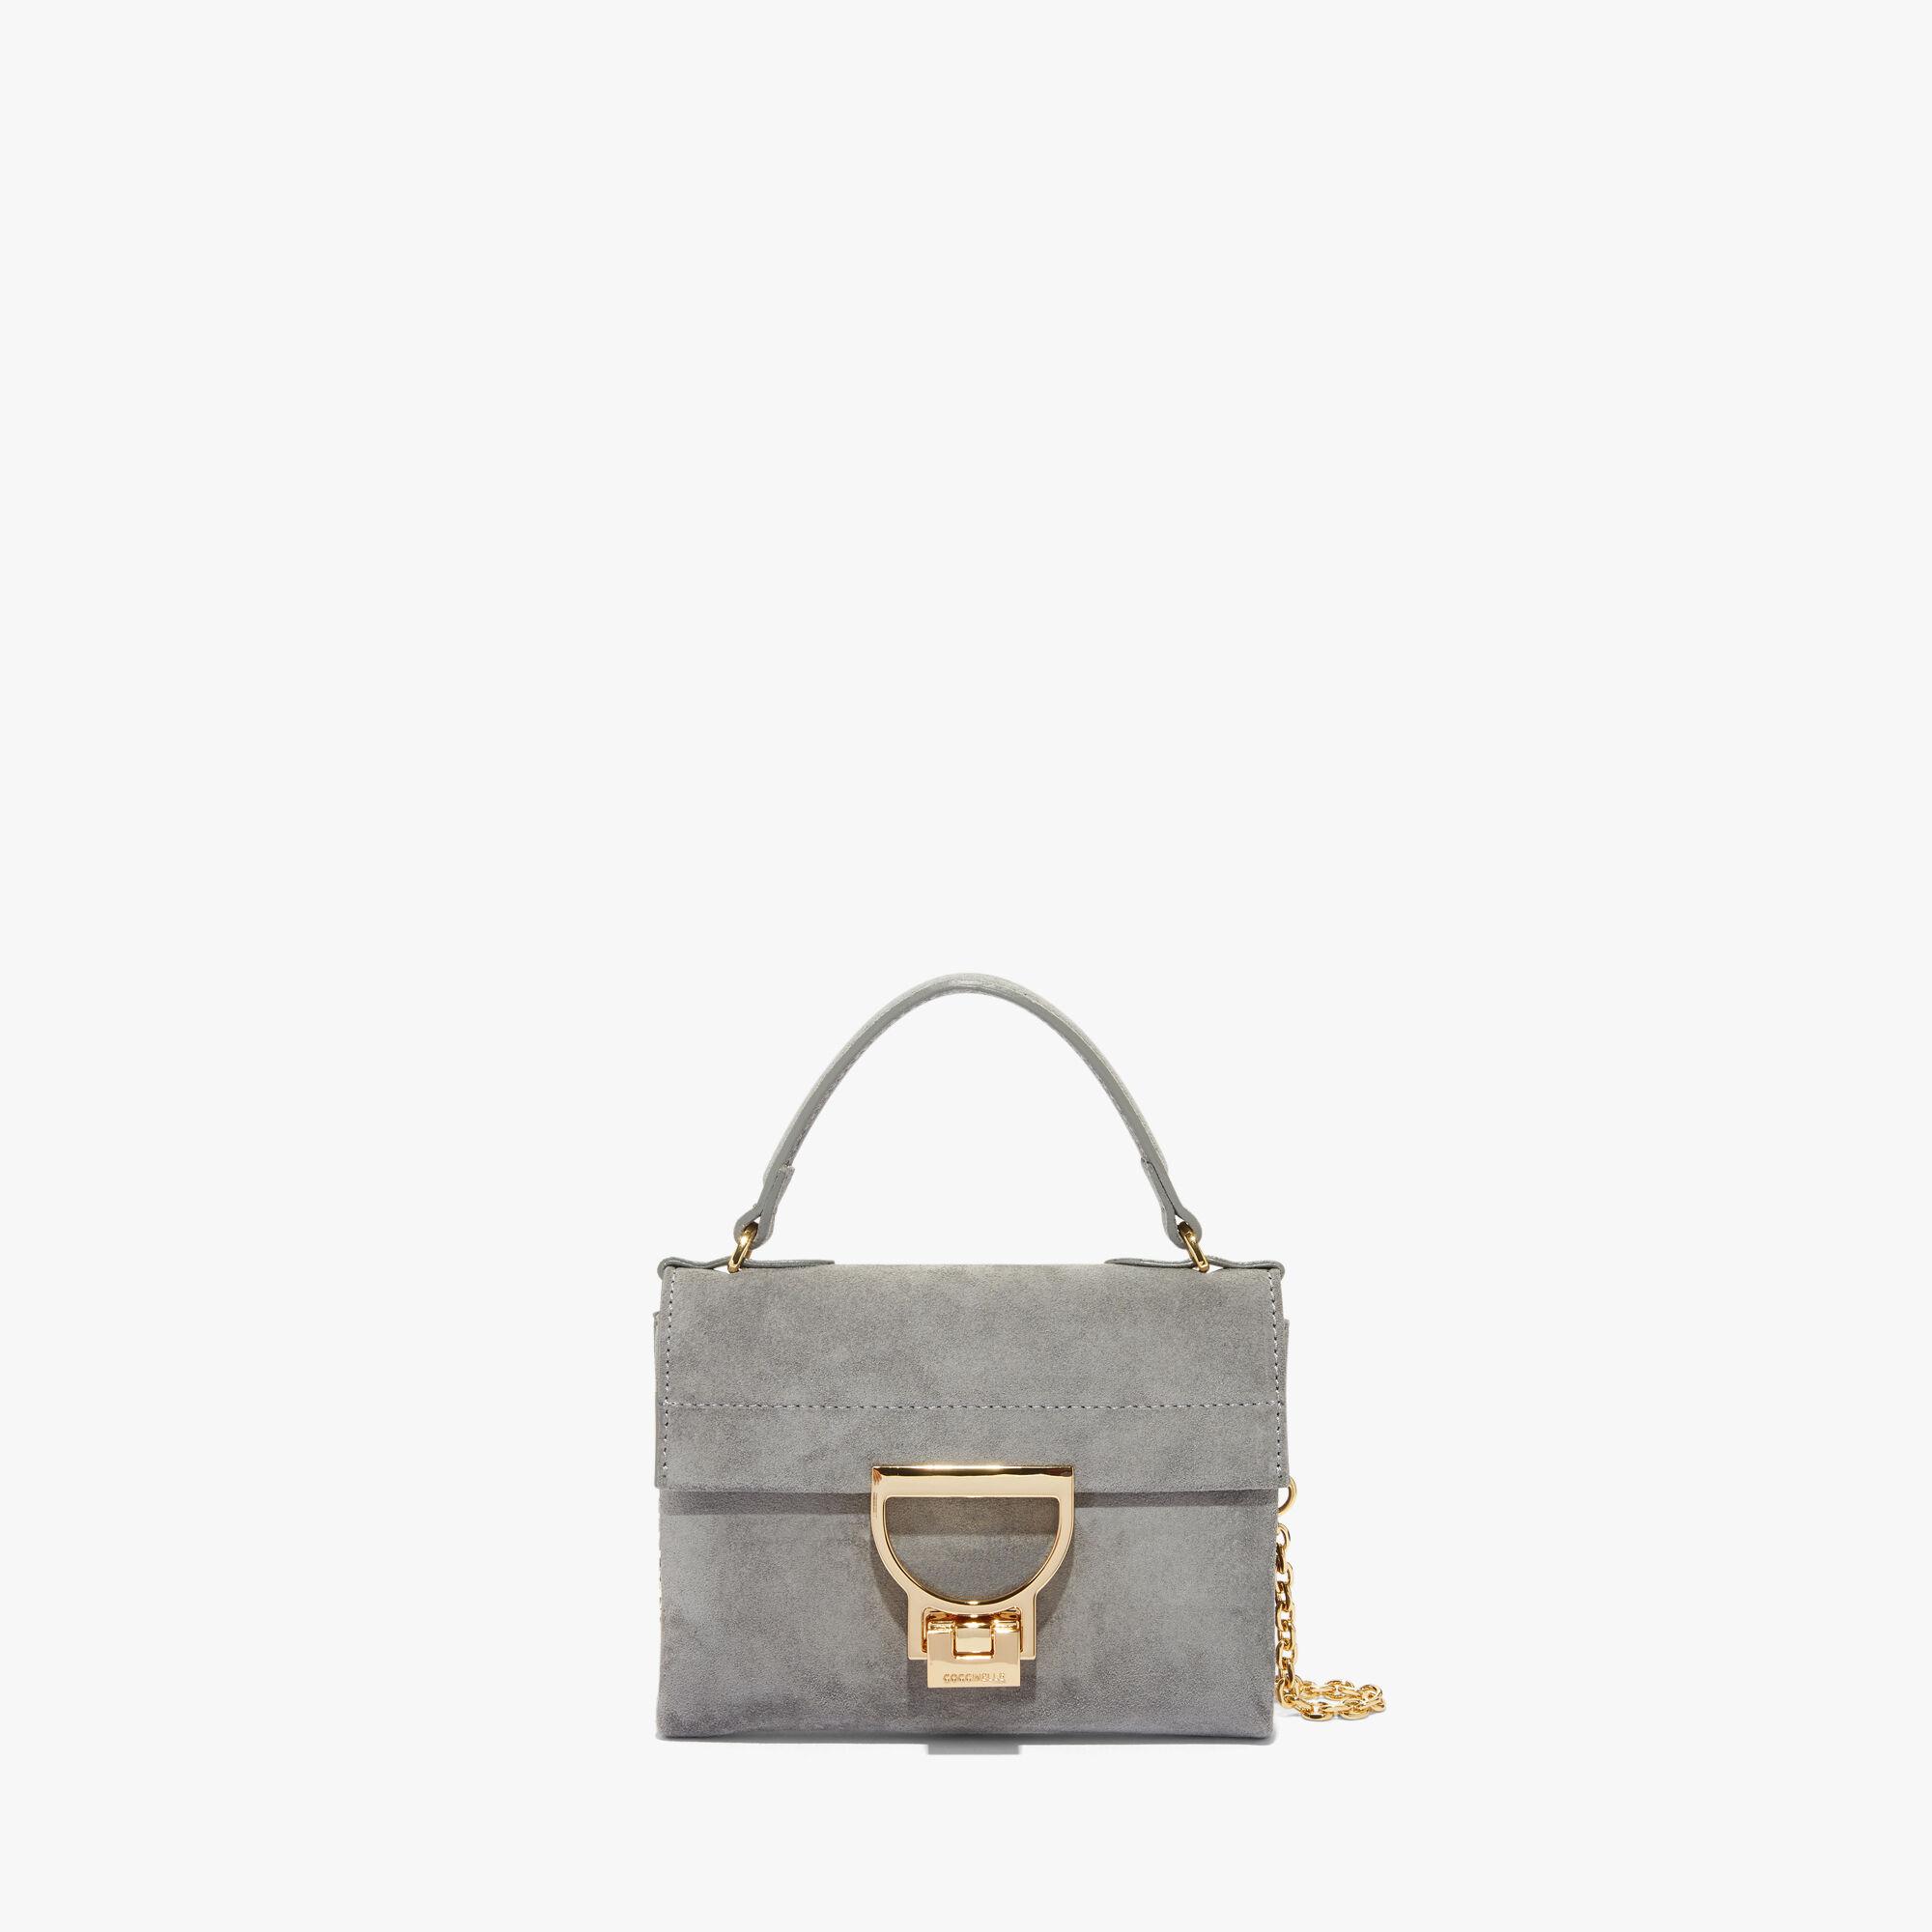 Coccinelle Online Store: Taschen und Accessoires für Damen